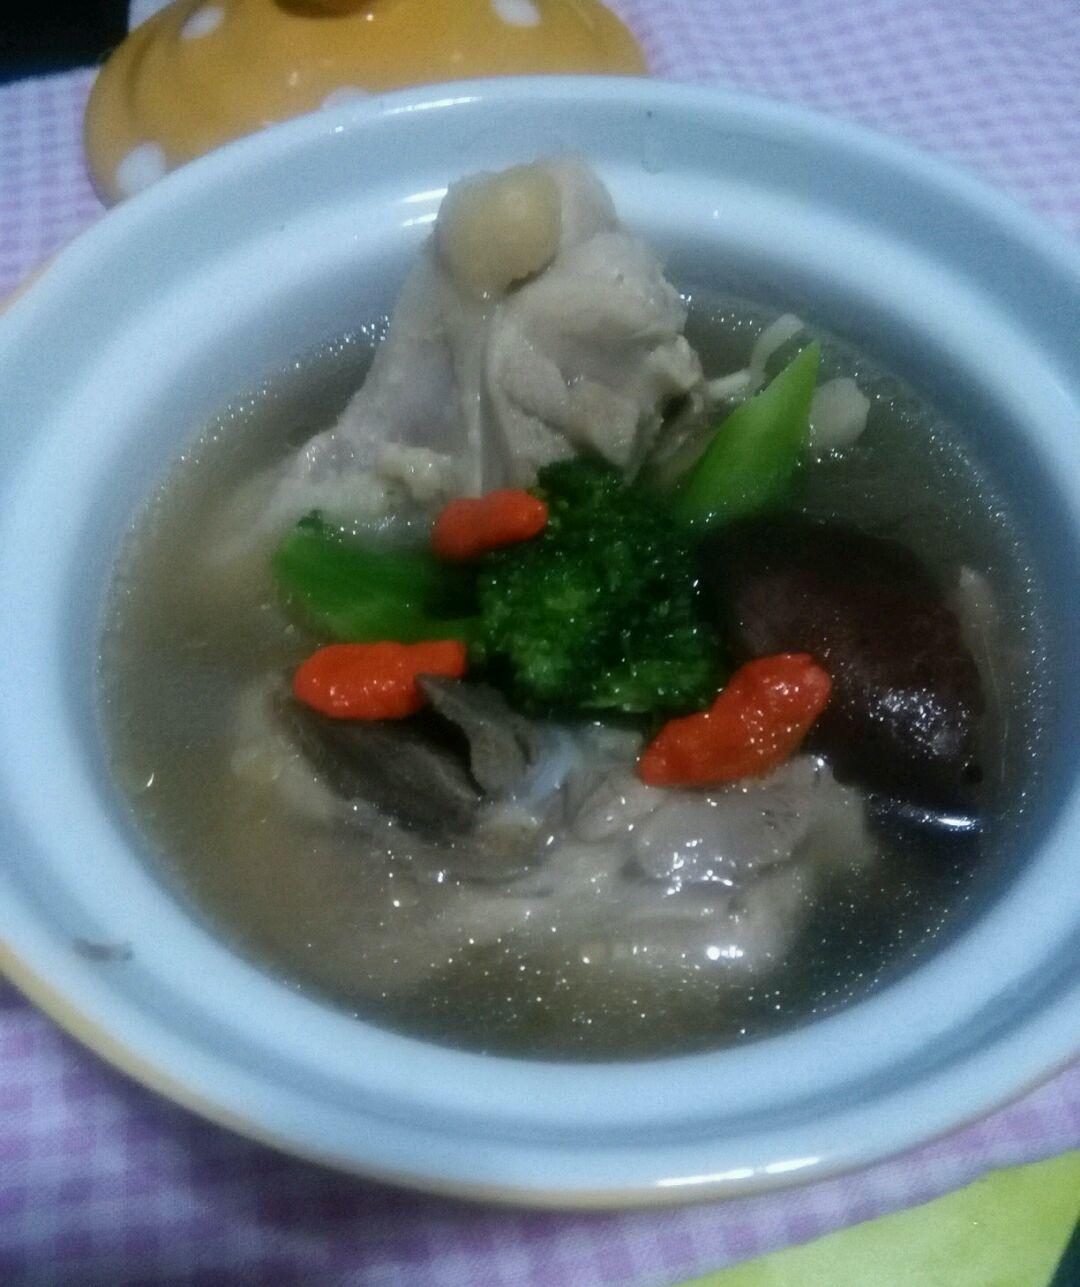 2. 待锅中出现大量浮沫,捞出鸡腿。重新冷水入锅,放入姜片,香菇。大火煮开,转小火炖20分钟。